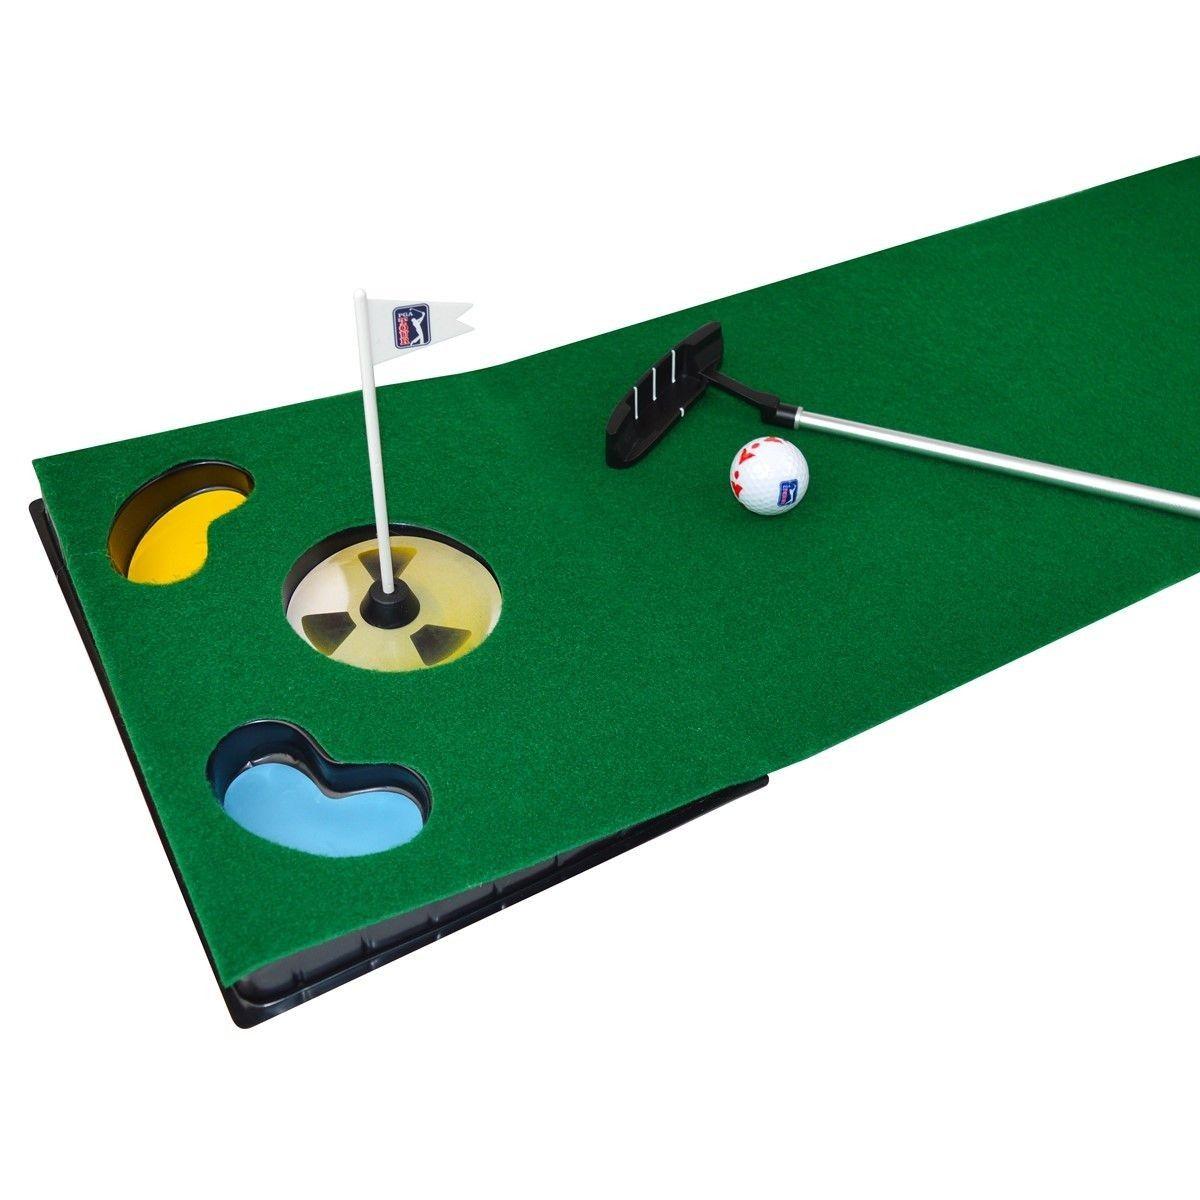 Tapis De Golf Avec Un Putter Retractable Taille Tu Tapis De